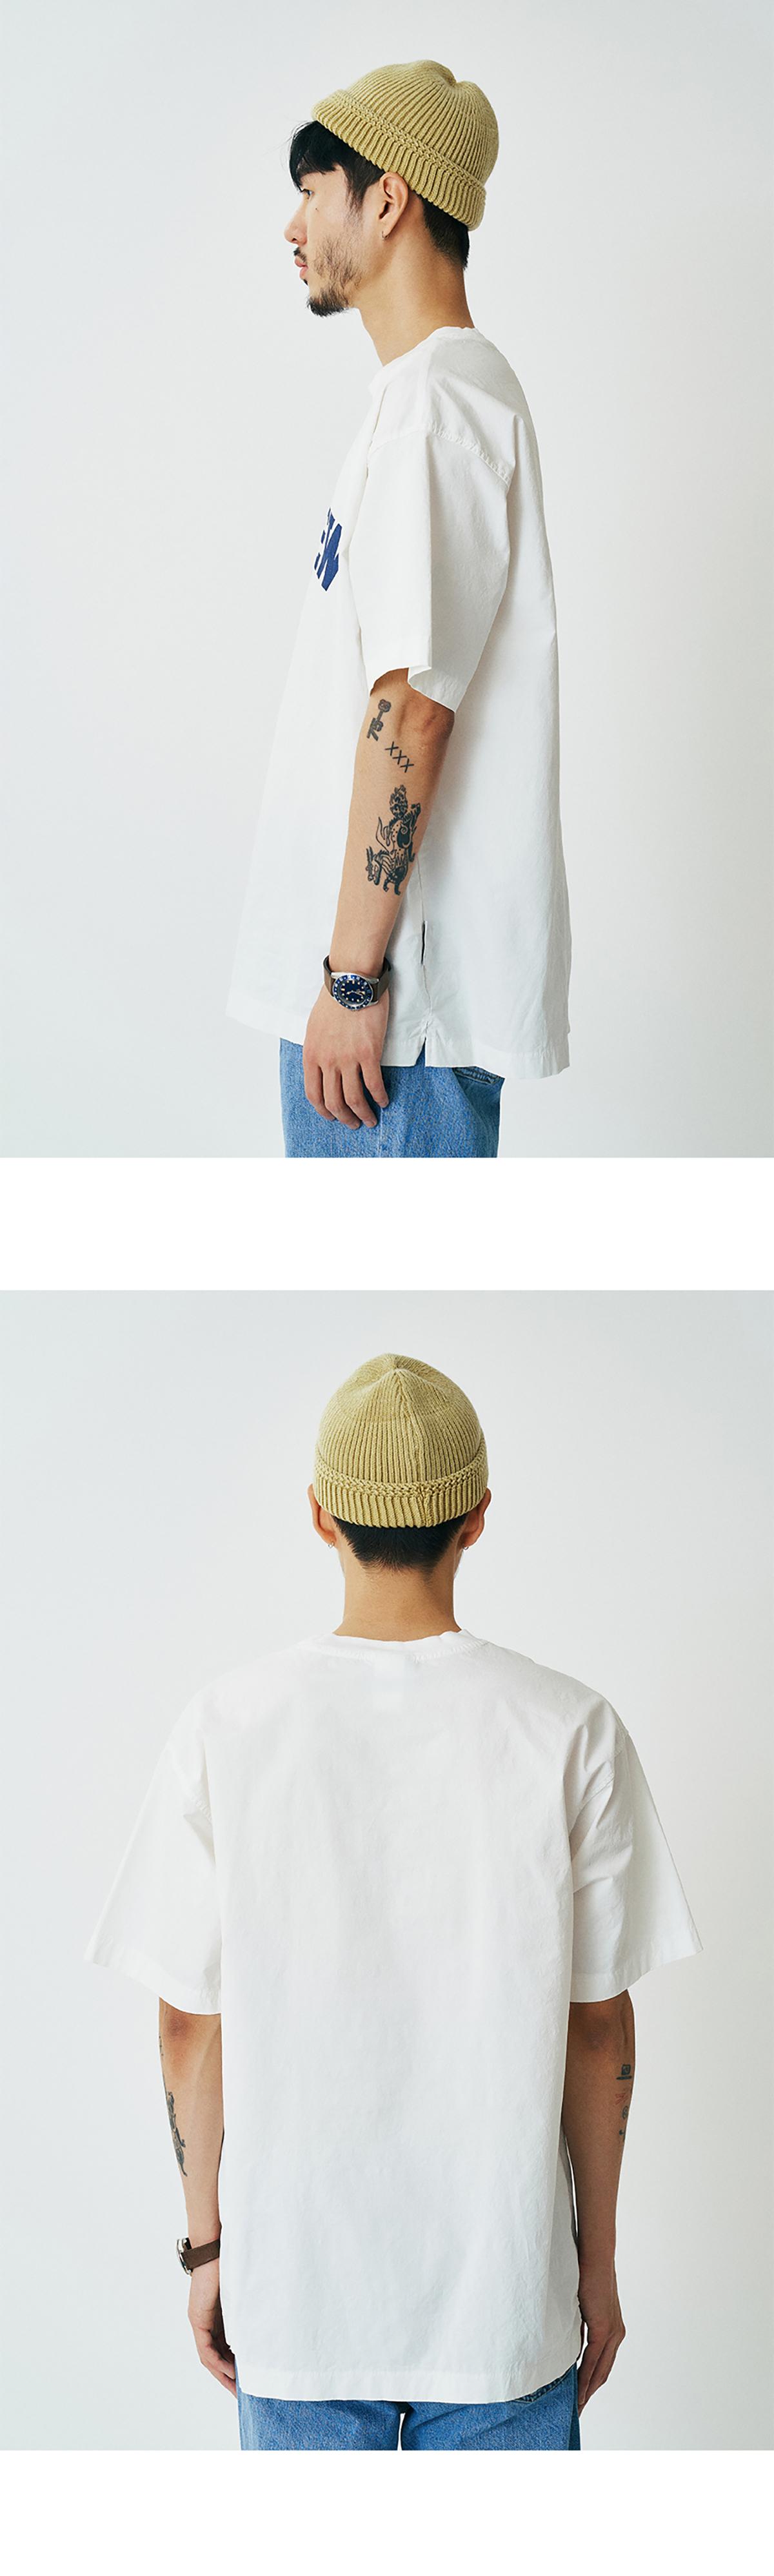 엔드류+크루넥+티셔츠_화이트+5.jpg